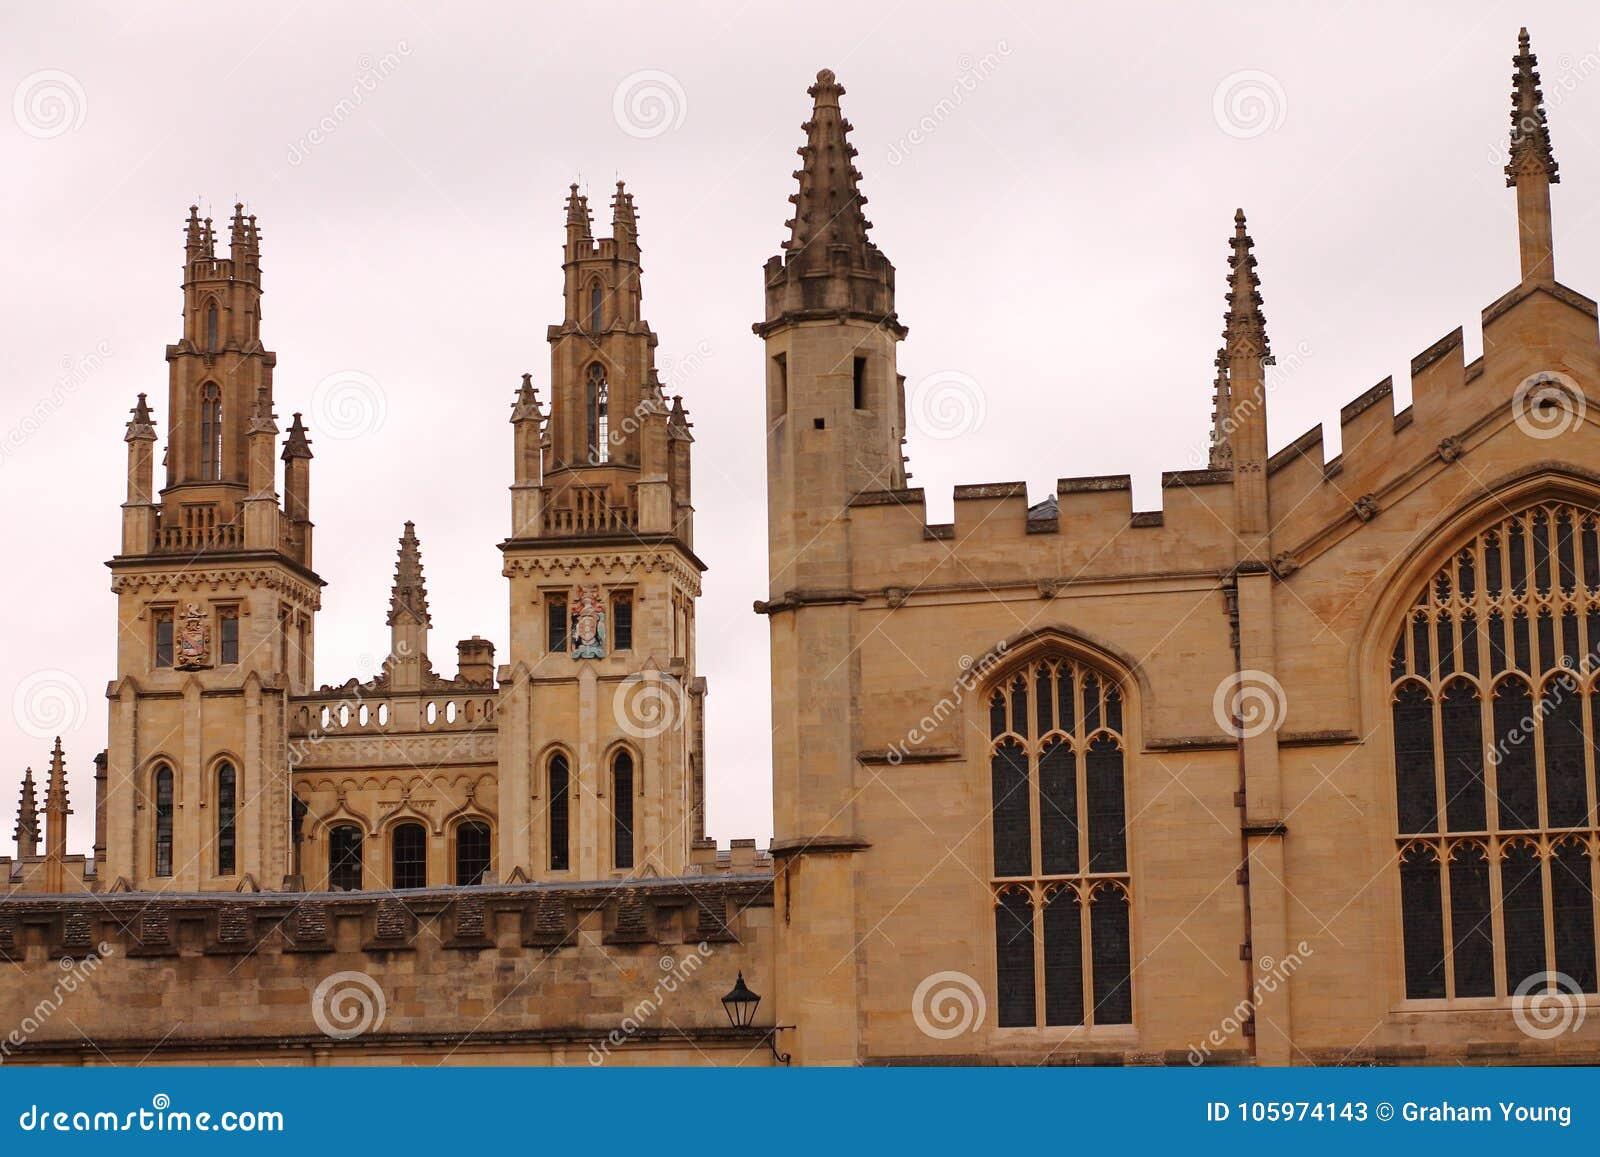 Architektur in England-Stein cotswolds